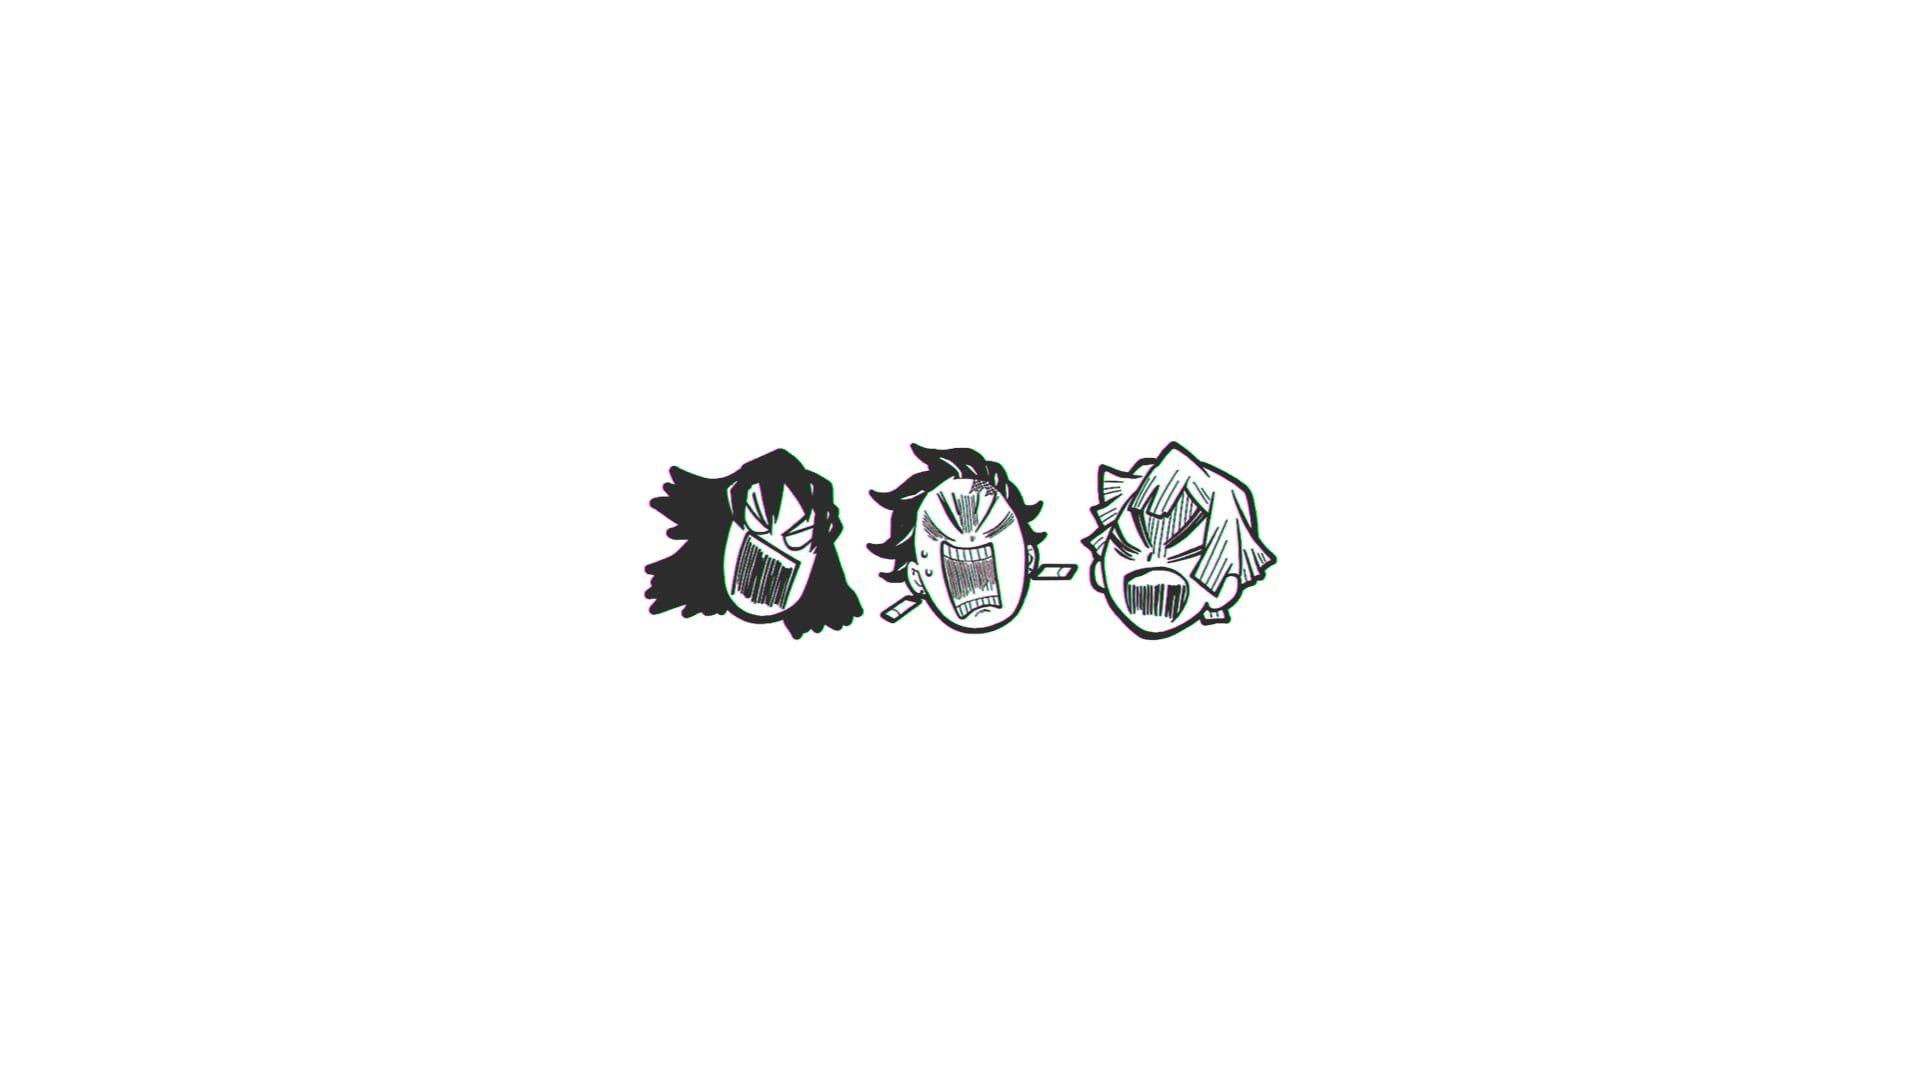 Anime Demon Slayer Kimetsu No Yaiba Inosuke Hashibira Tanjirou Kamado Zenitsu Agatsuma 1080p Wallpaper Hdwallpaper In 2020 Slayer Tattoo Anime Tattoos Anime Demon